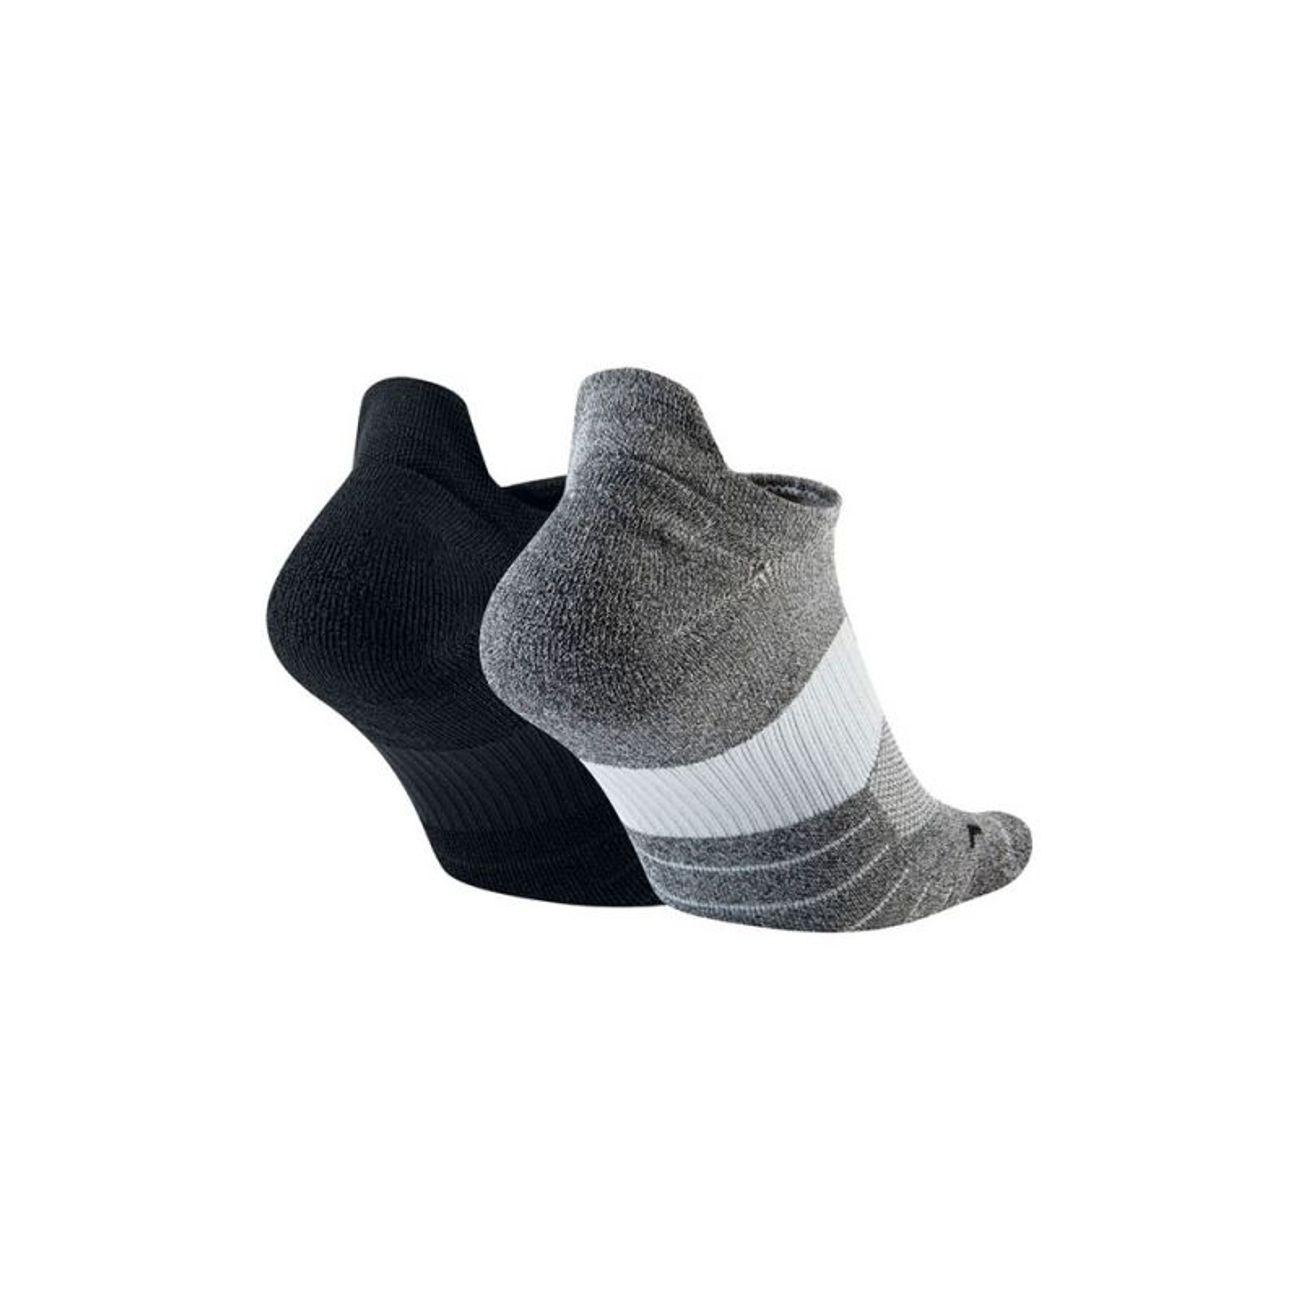 Multiplier Gris Nike Paquete Padel Homme 2 Negro Calcetin Nisx7554 915 Pares Show No NPk8wOX0n